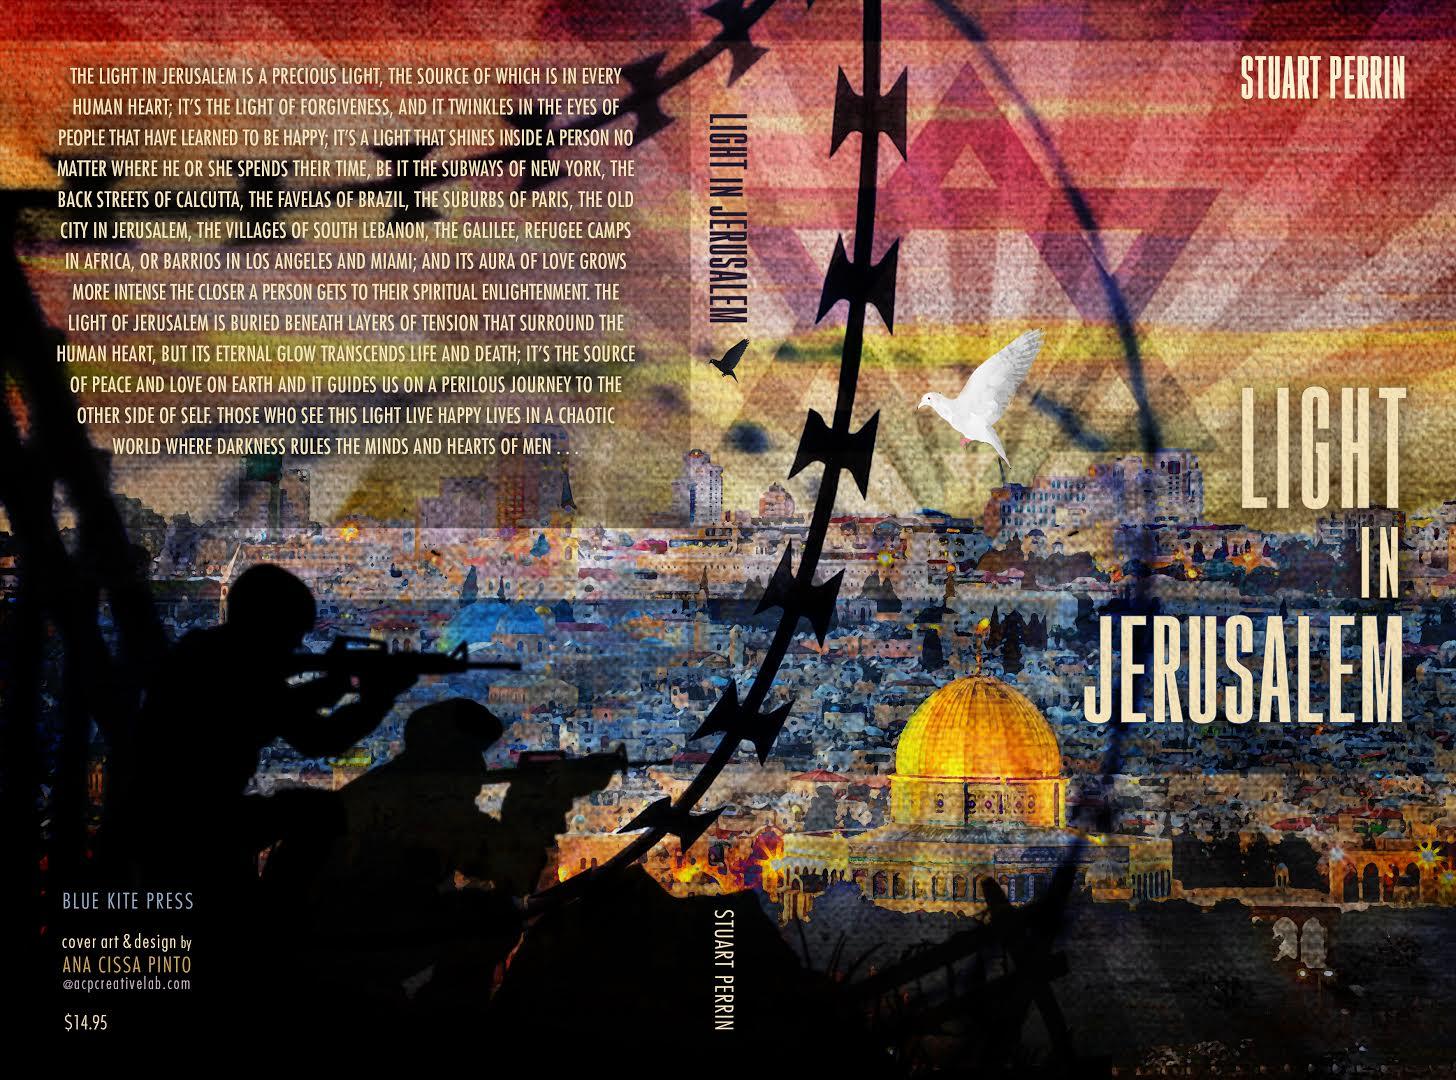 light in jerusalem.jpg